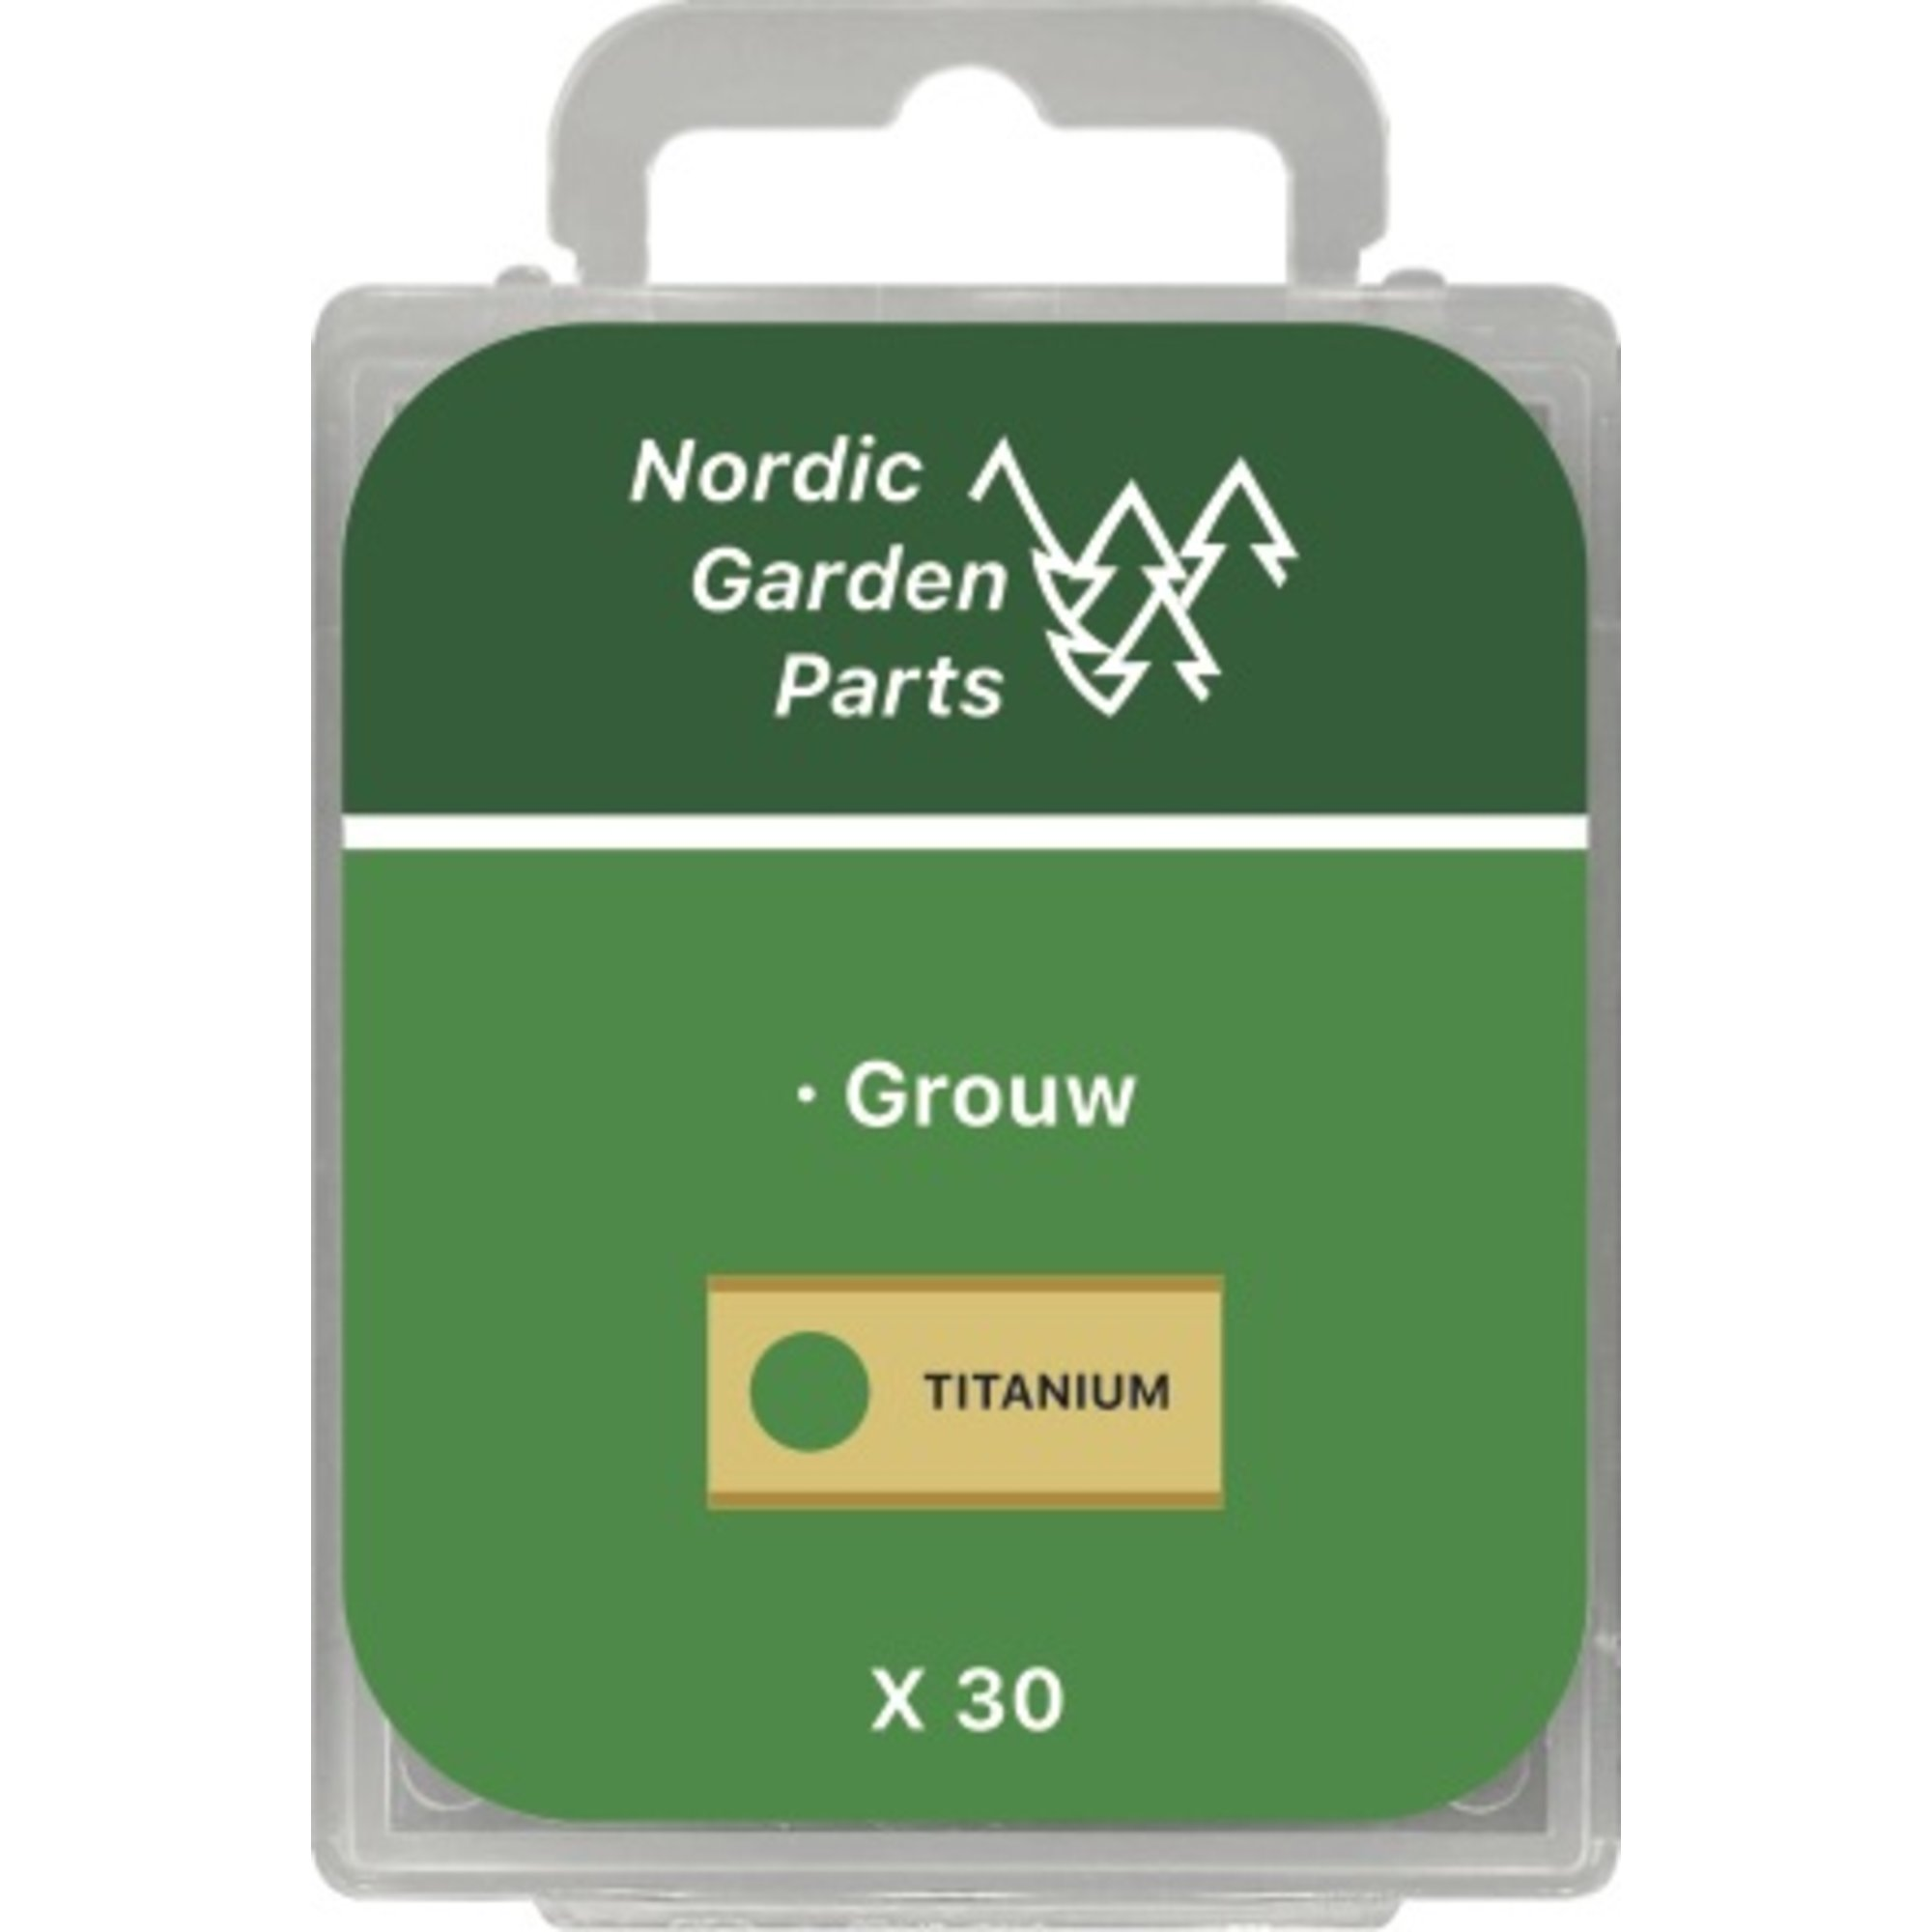 Nordic Garden Parts Rostfri stålkniv 0,9 mm. till Grouw 30 st.